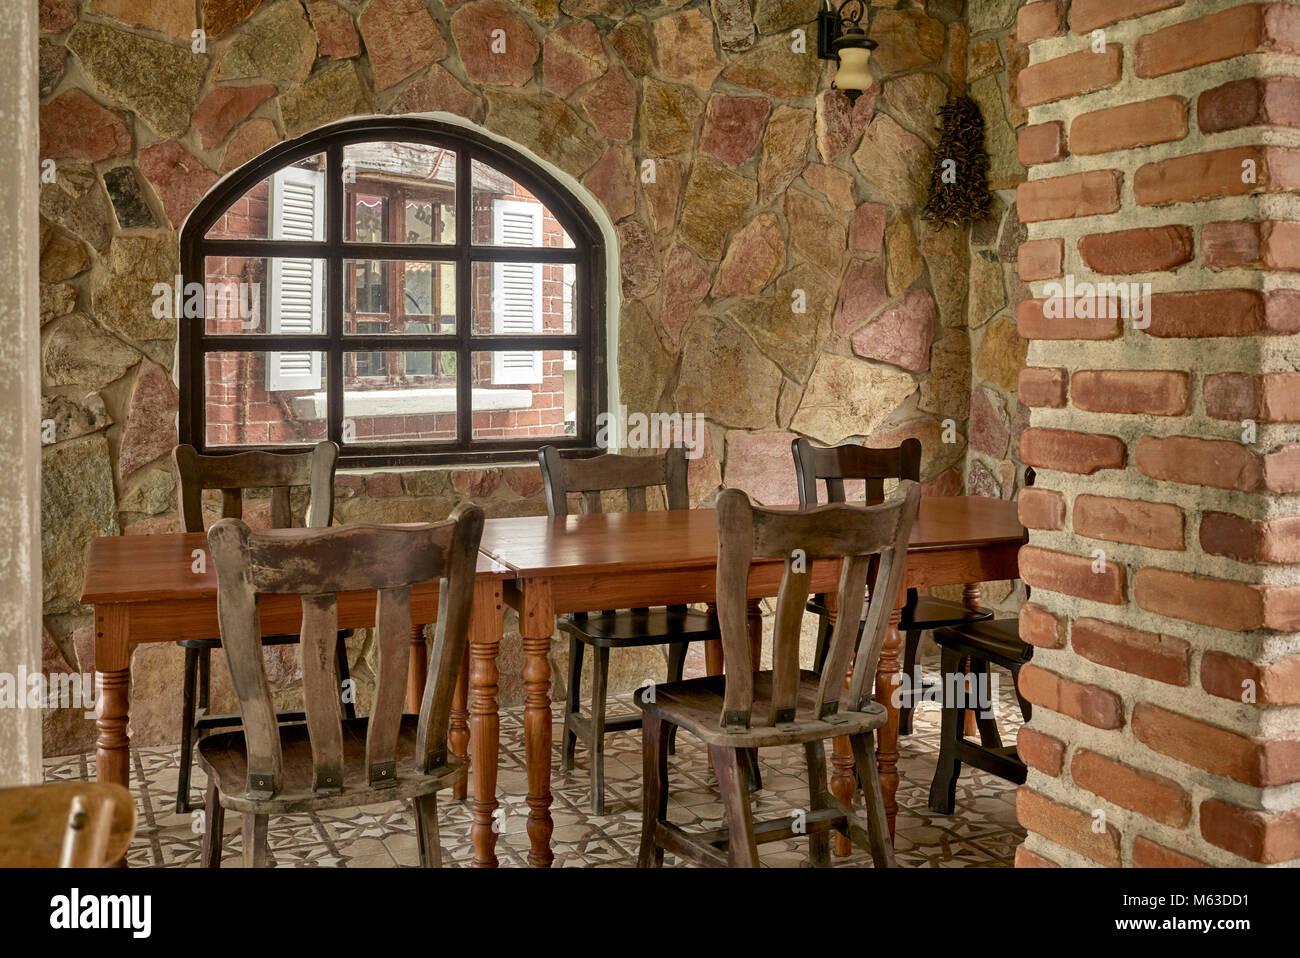 Tavoli In Pietra Per Interni.Rustico E Pietra Costruito Il Ristorante Interno Con Tavoli E